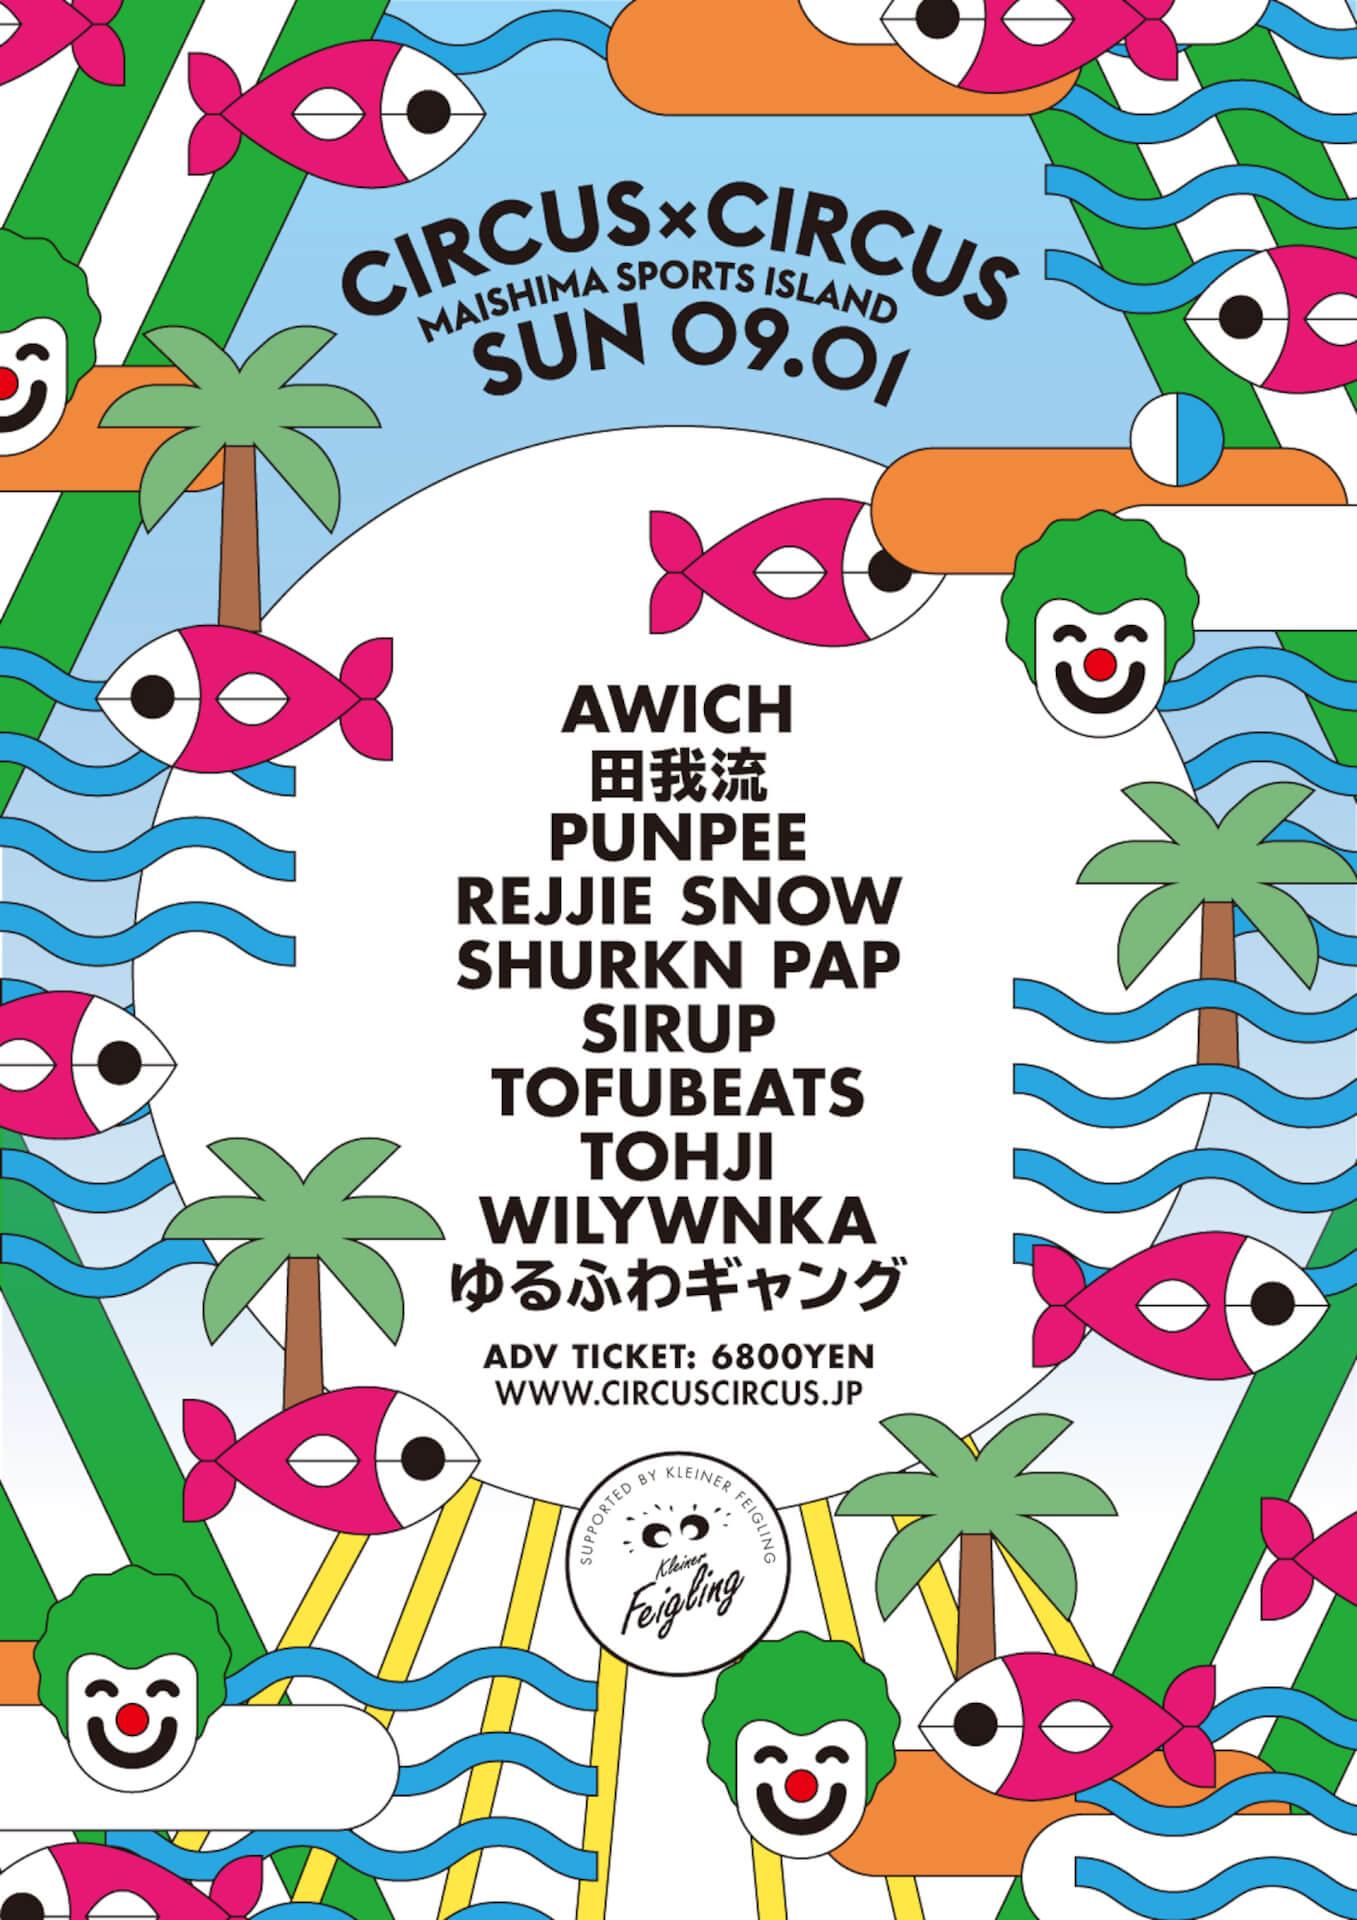 田我流、Tohji、Shurkn Papらが登場!<CIRCUS × CIRCUS>第3弾アーティストが発表に music190702-circuscircus